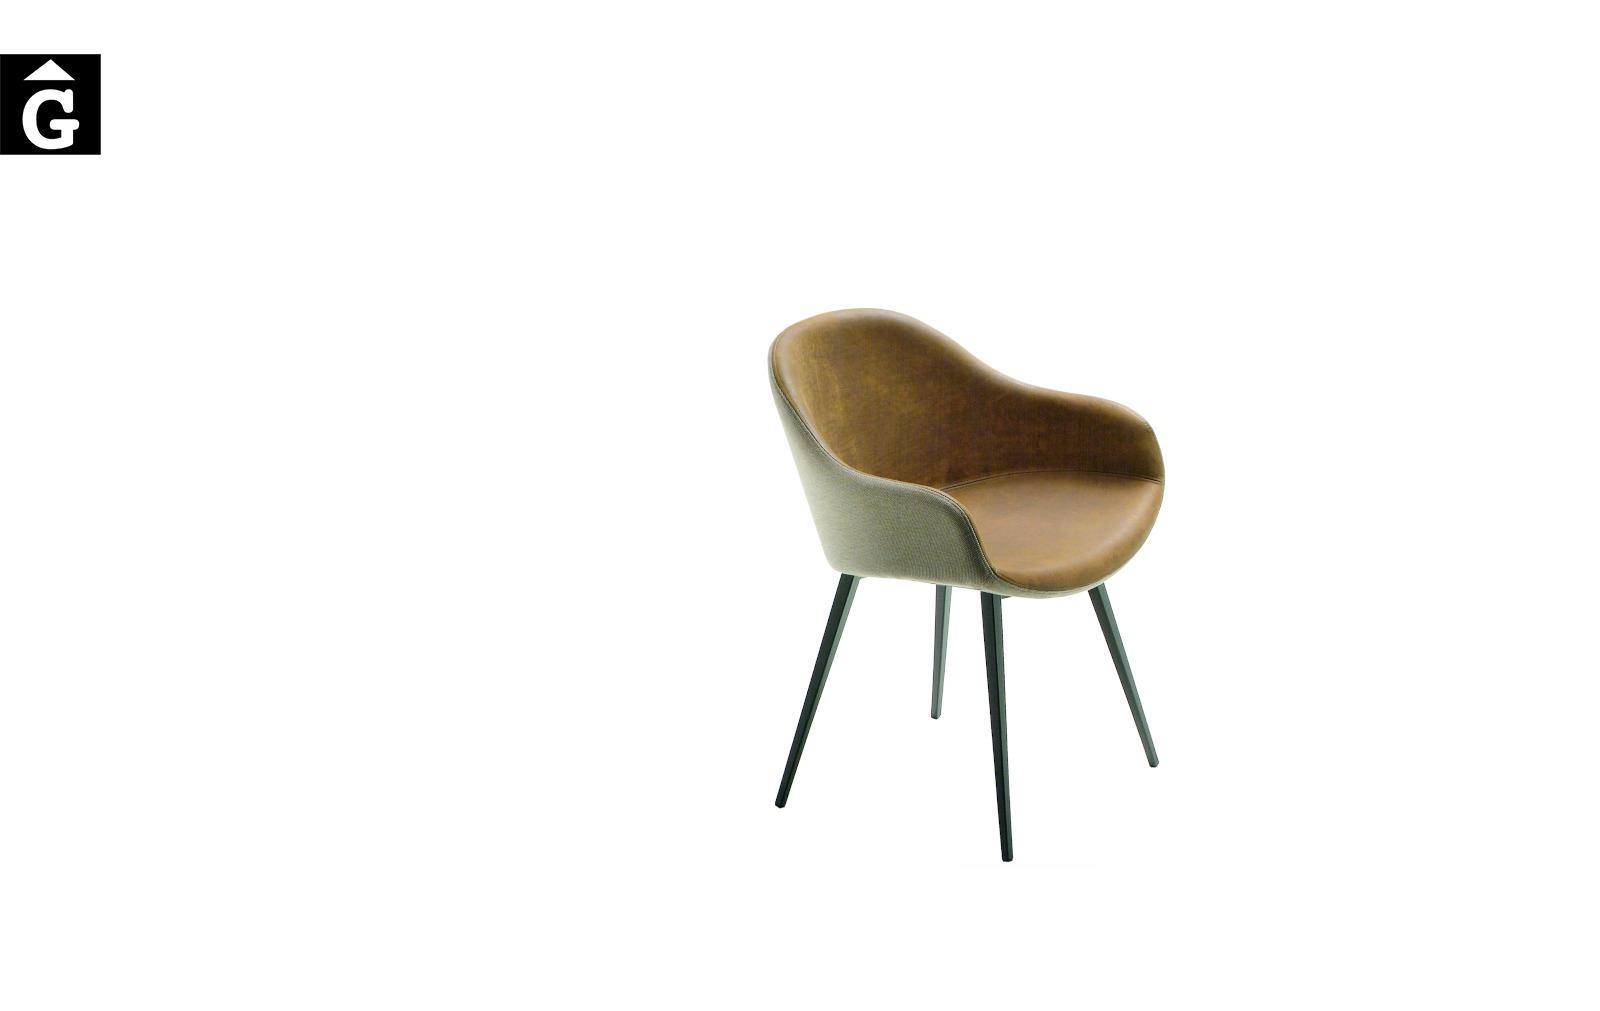 Cadira amb braços Sonny | MIDJ | mobles Gifreu | Productes de qualitat Premium